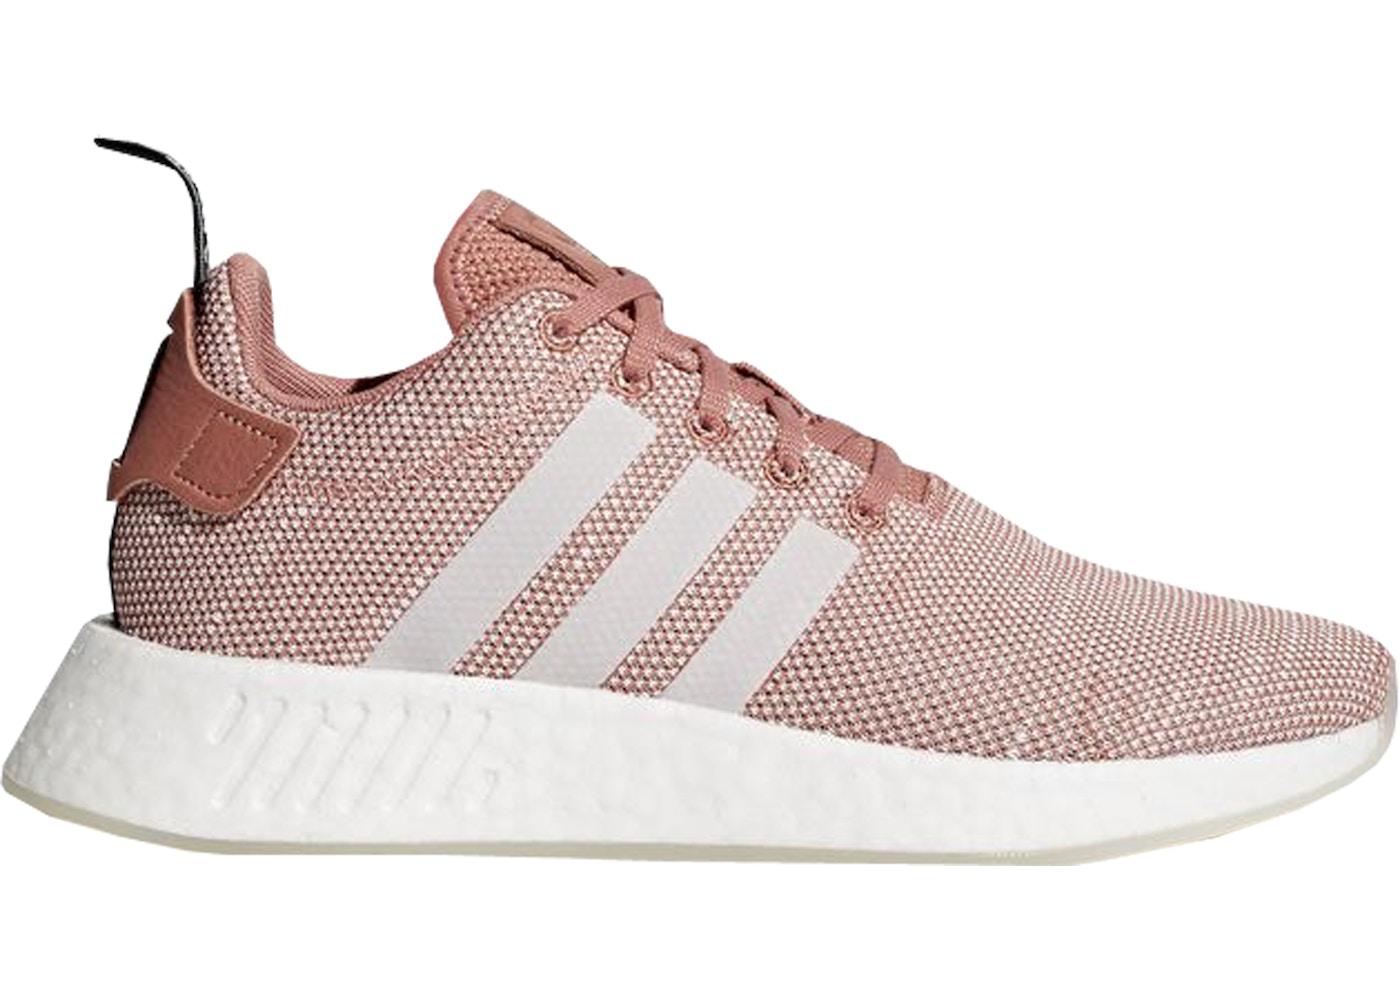 adidas NMD R2 Ash Pink (W)